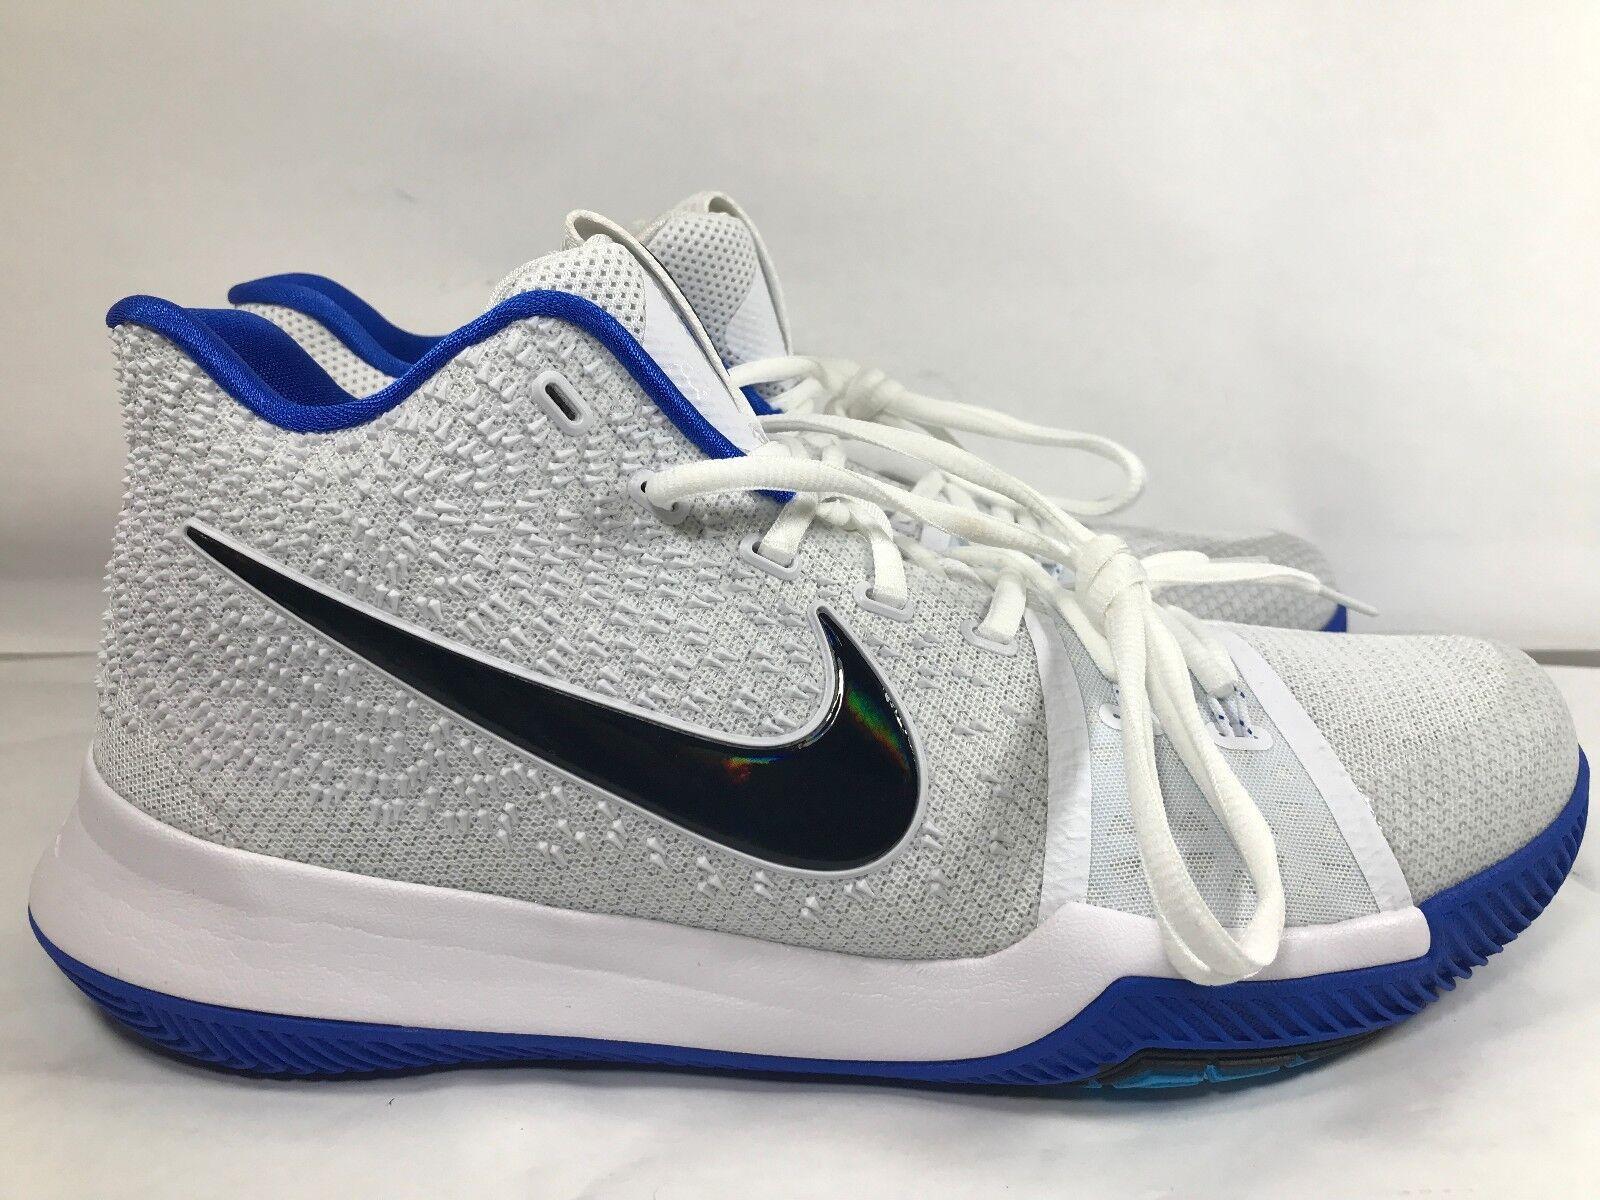 Nike Kyrie Irving 3 III Bredherhood 852395 102 Hyper Cobalt blueee White 12.5